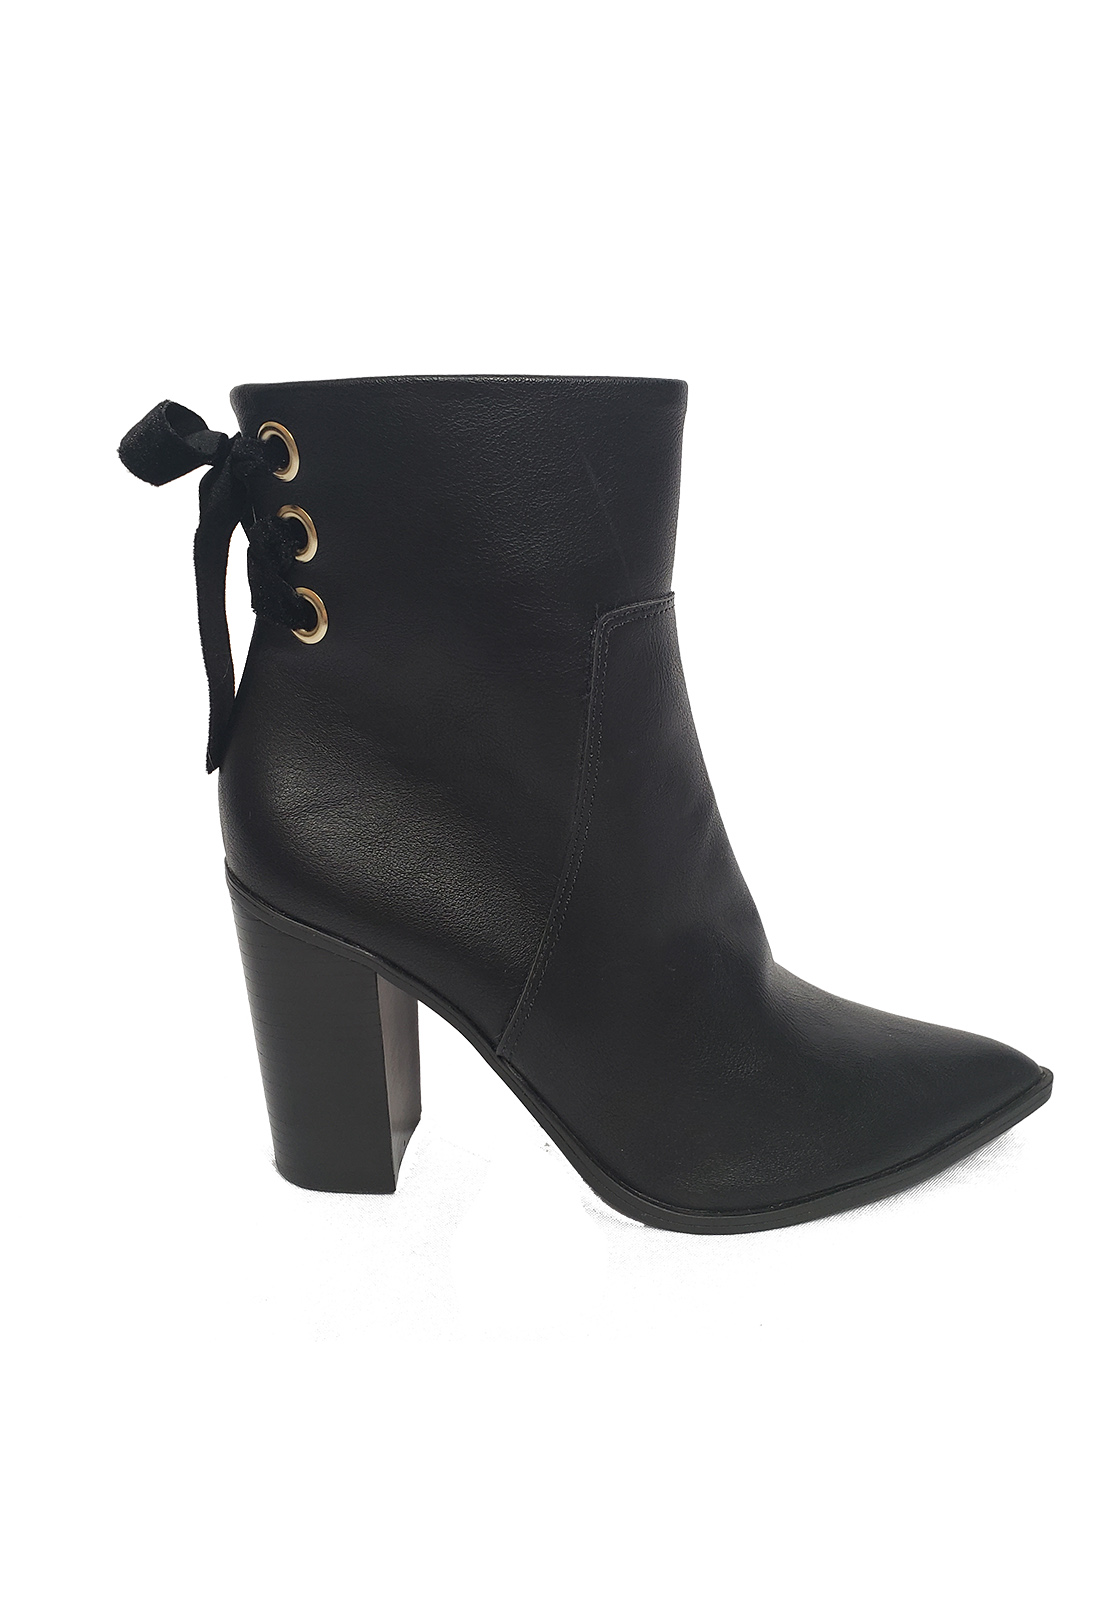 Bota - Ankle boots de salto alto bebece